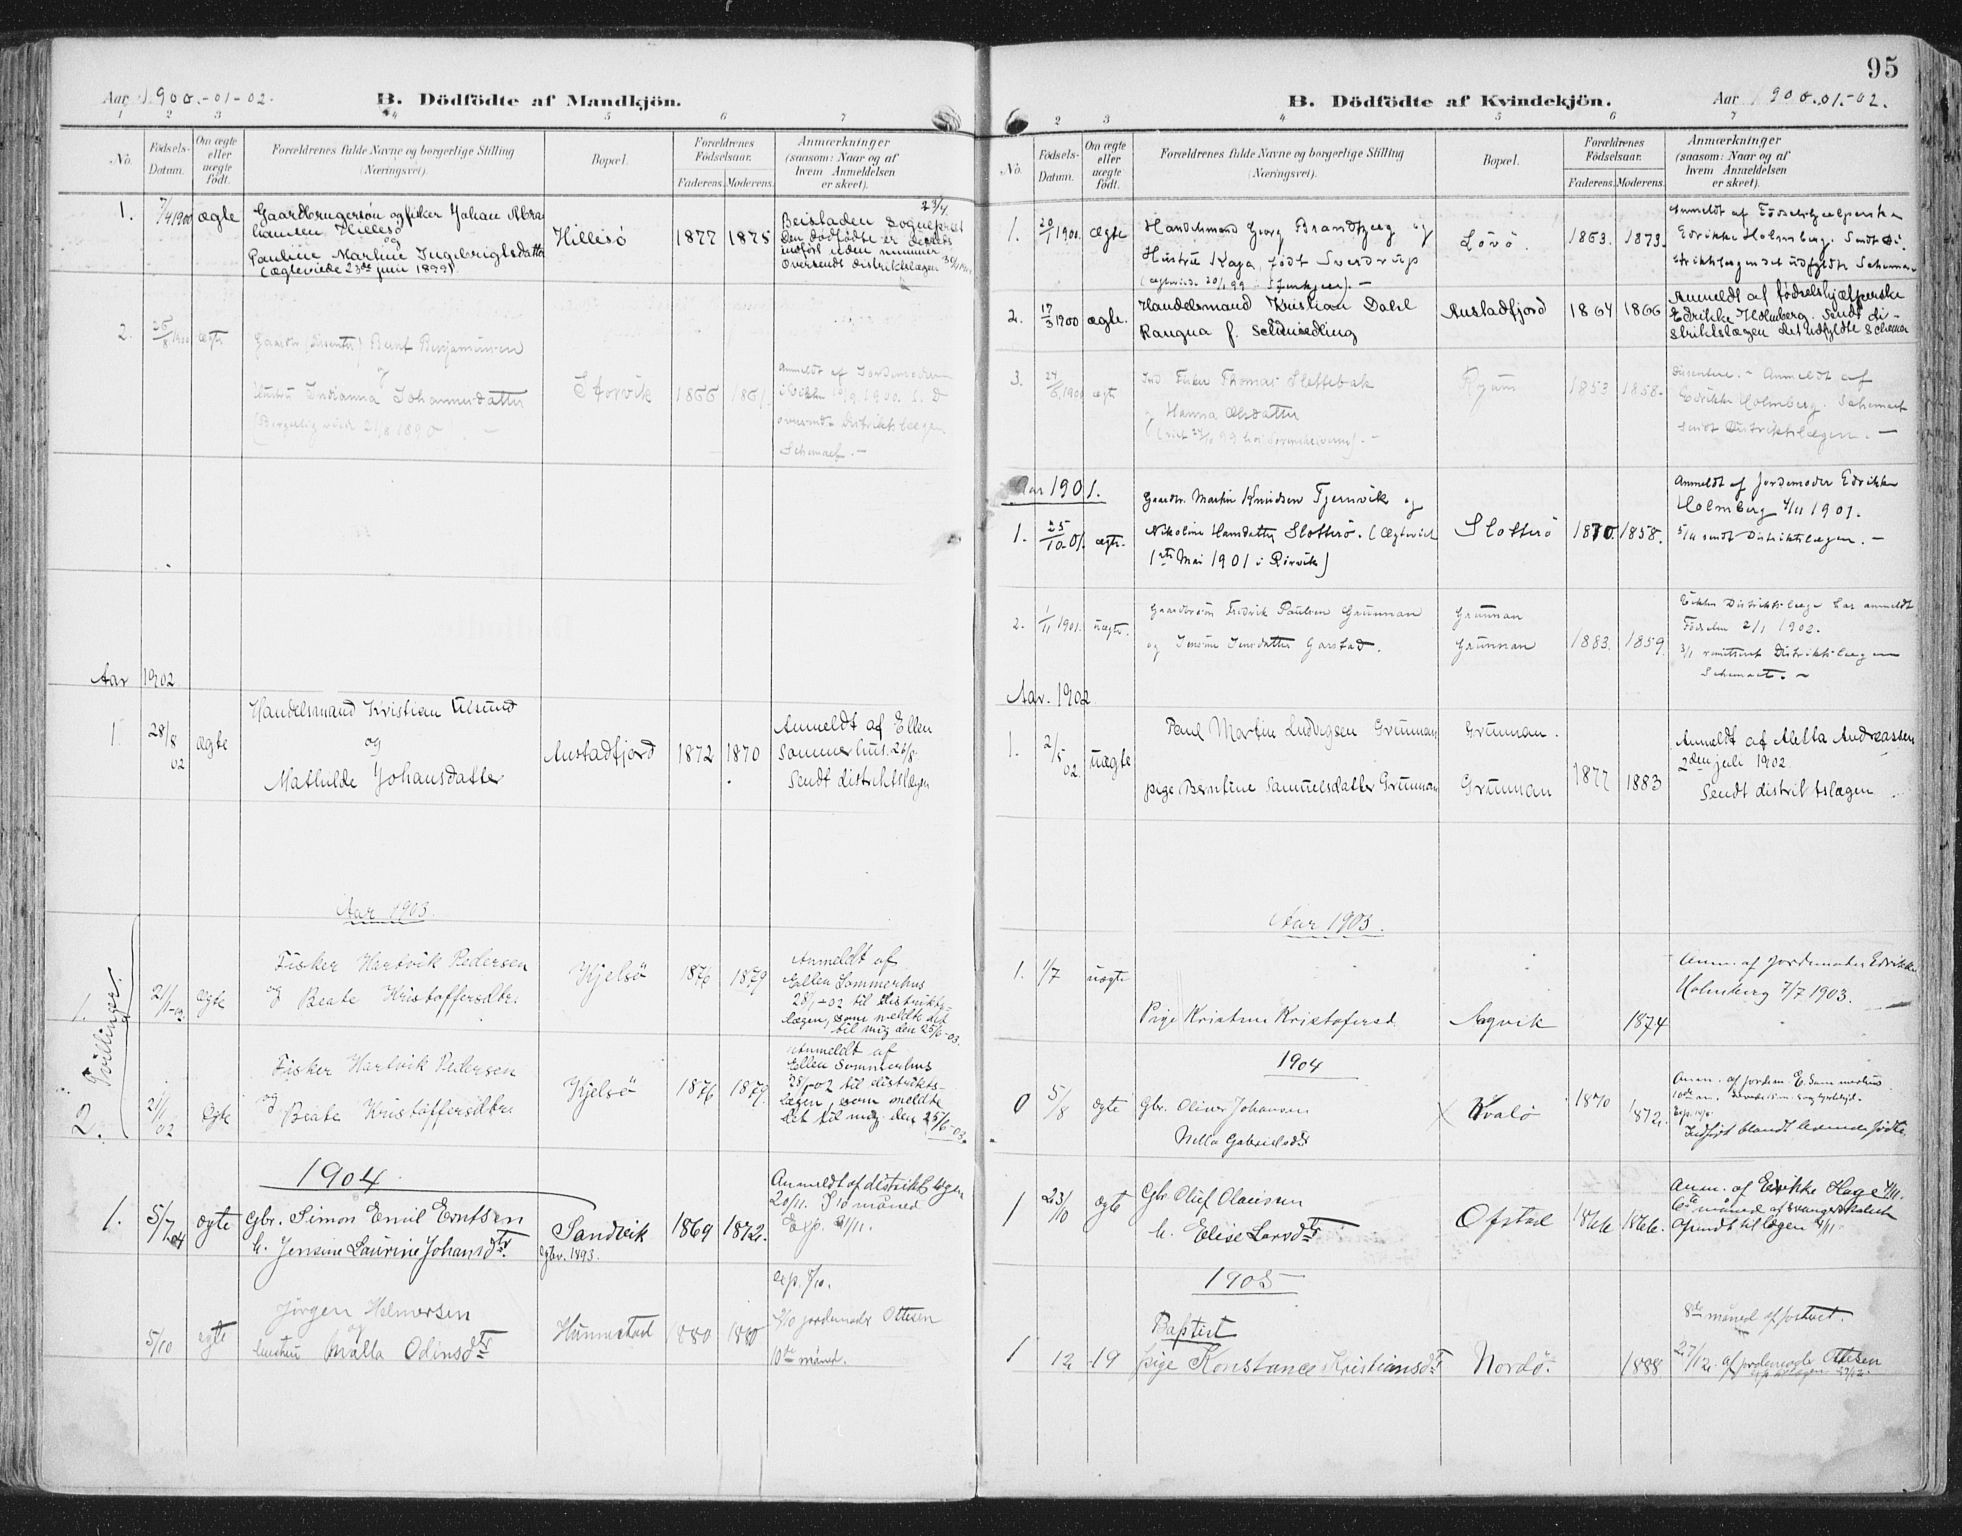 SAT, Ministerialprotokoller, klokkerbøker og fødselsregistre - Nord-Trøndelag, 786/L0688: Ministerialbok nr. 786A04, 1899-1912, s. 95